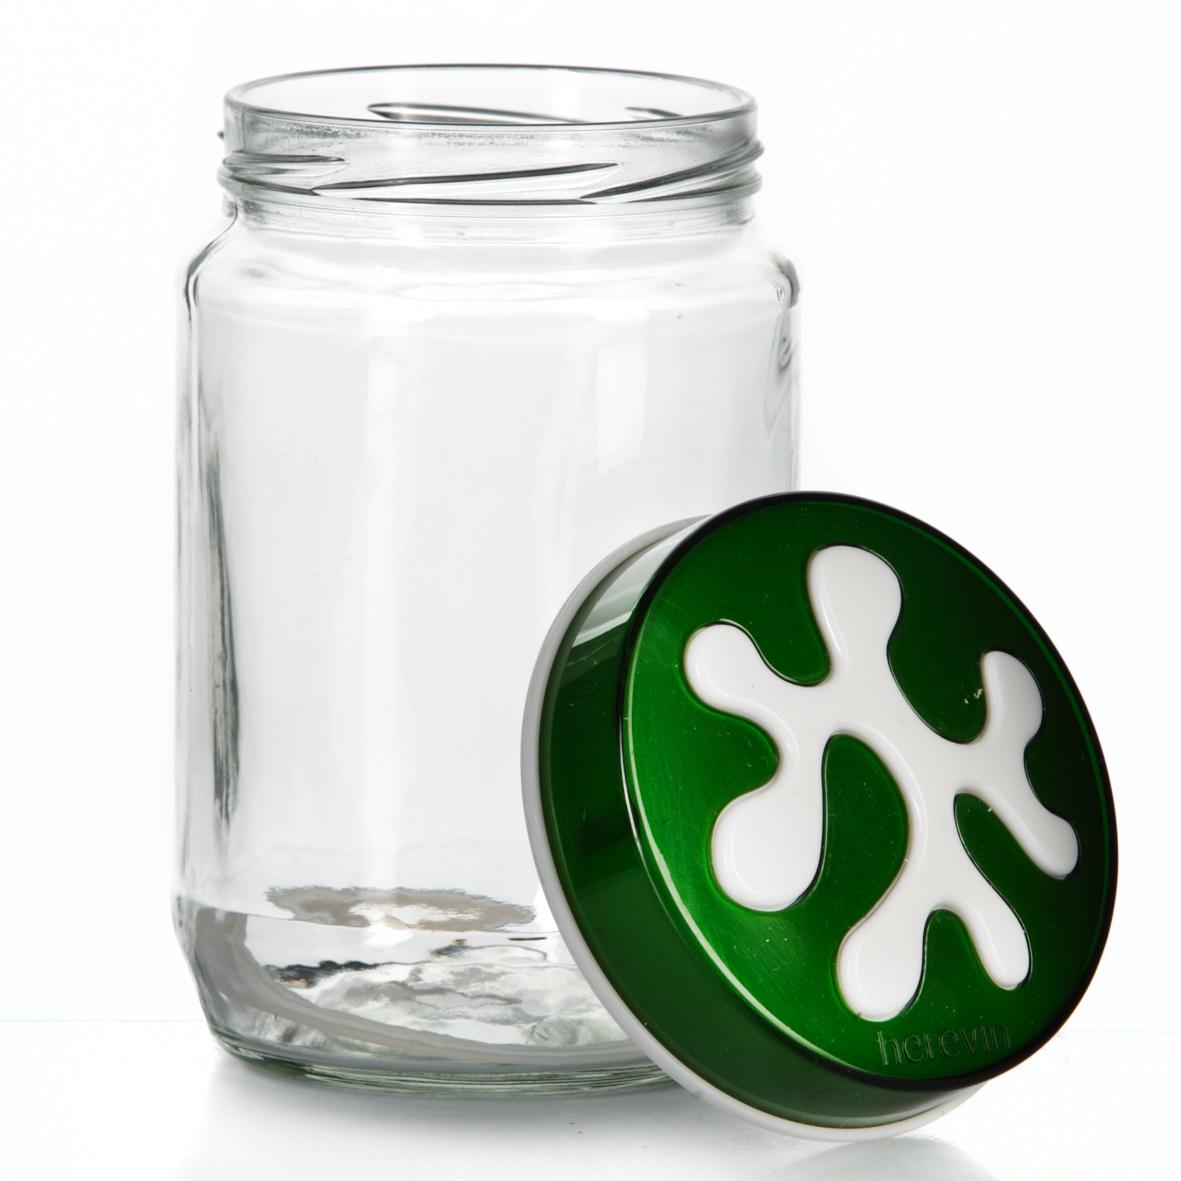 Банка для сыпучих продуктов Herevin, цвет: зеленый, 720 мл. 135367-002FD 992Банка для сыпучих продуктов Herevin изготовлена из прочного стекла и оснащена плотно закрывающейся пластиковой крышкой. Благодаря этому внутри сохраняется герметичность, и продукты дольше остаются свежими. Изделие предназначено для хранения различных сыпучих продуктов: круп, чая, сахара, орехов и т.д. Функциональная и вместительная, такая банка станет незаменимым аксессуаром на любой кухне. Можно мыть в посудомоечной машине. Пластиковые части рекомендуется мыть вручную.Объем: 720 мл.Диаметр (по верхнему краю): 7,5 см.Высота банки (без учета крышки): 14 см.